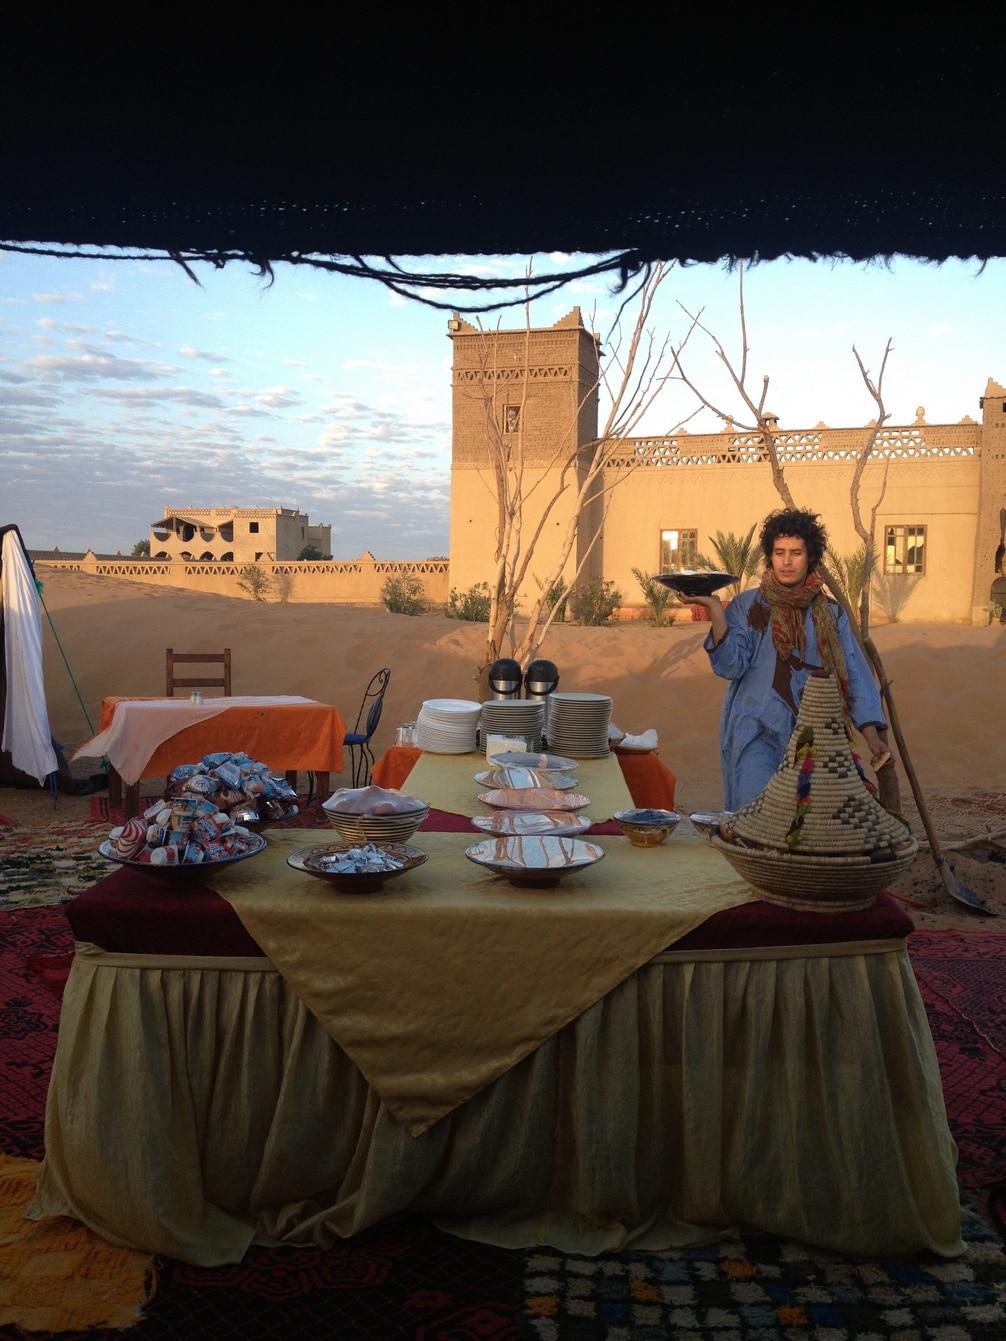 Comida tradicional en restaurante hotel del desierto